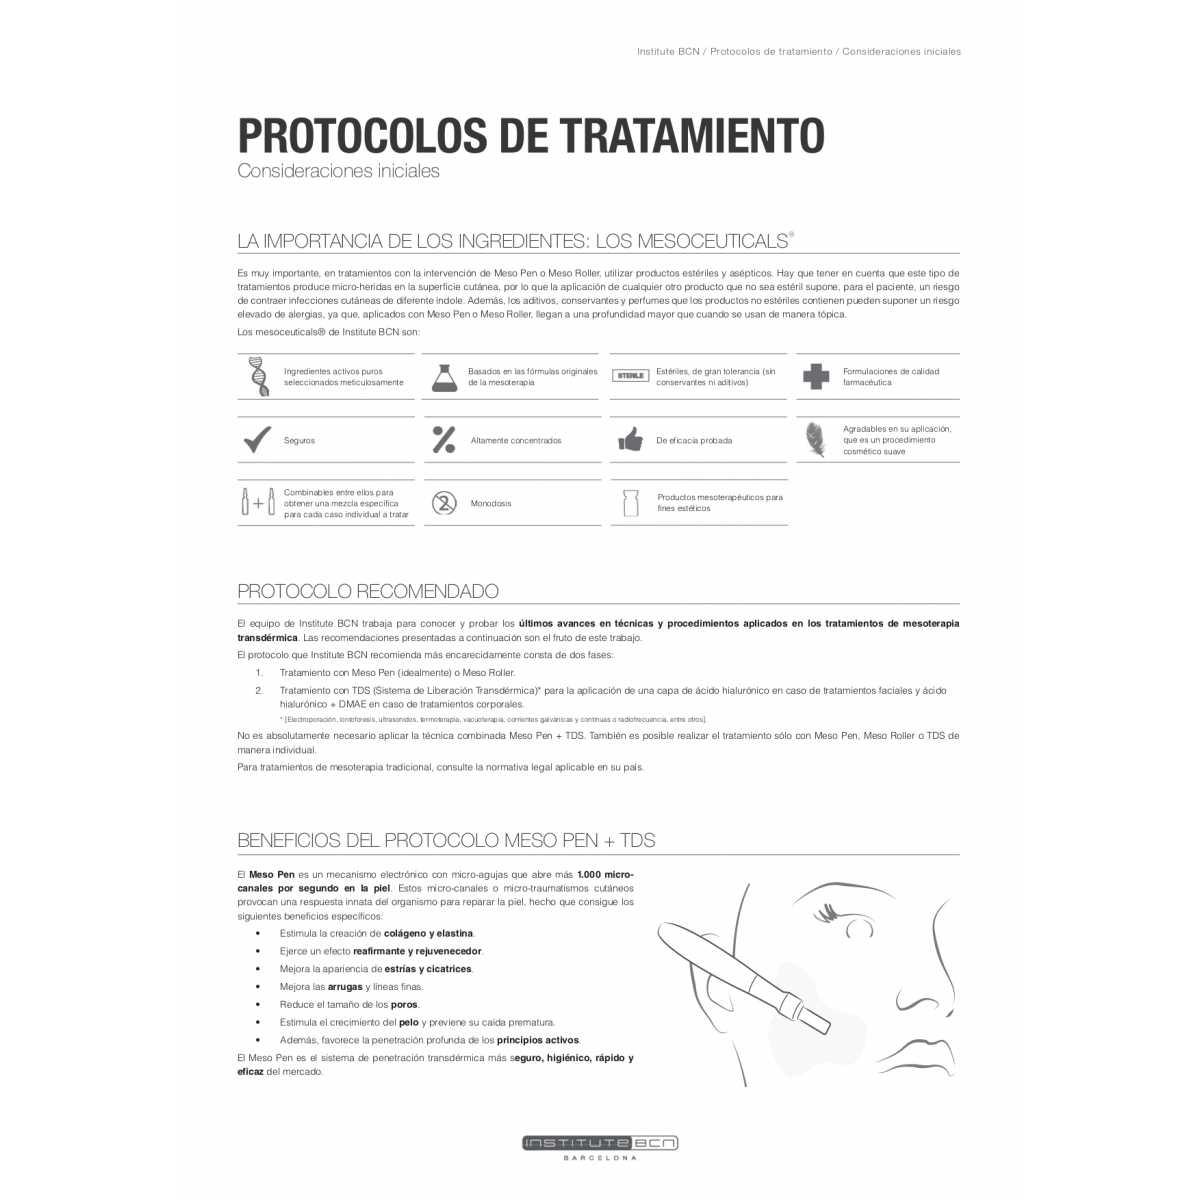 Meso Roller Facial - MesoRoller - Institute BCN